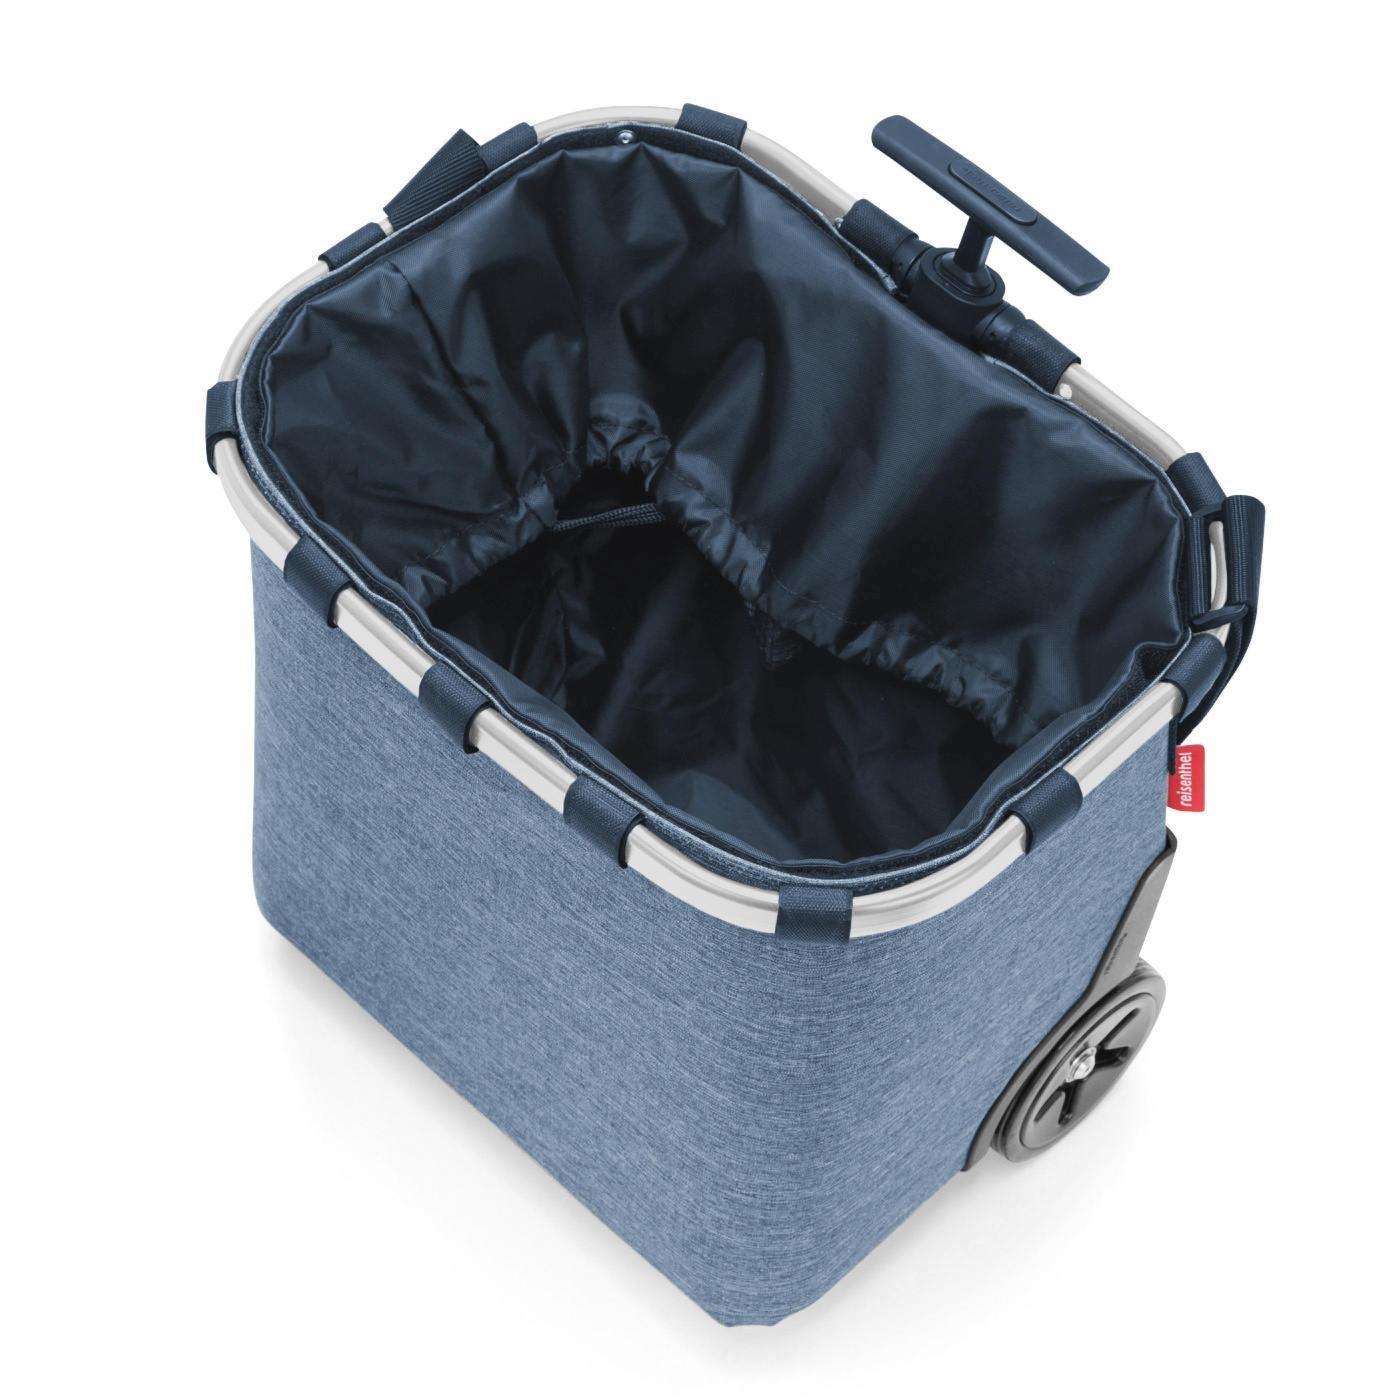 Taška na kolečkách Carrycruiser frame twist blue_1